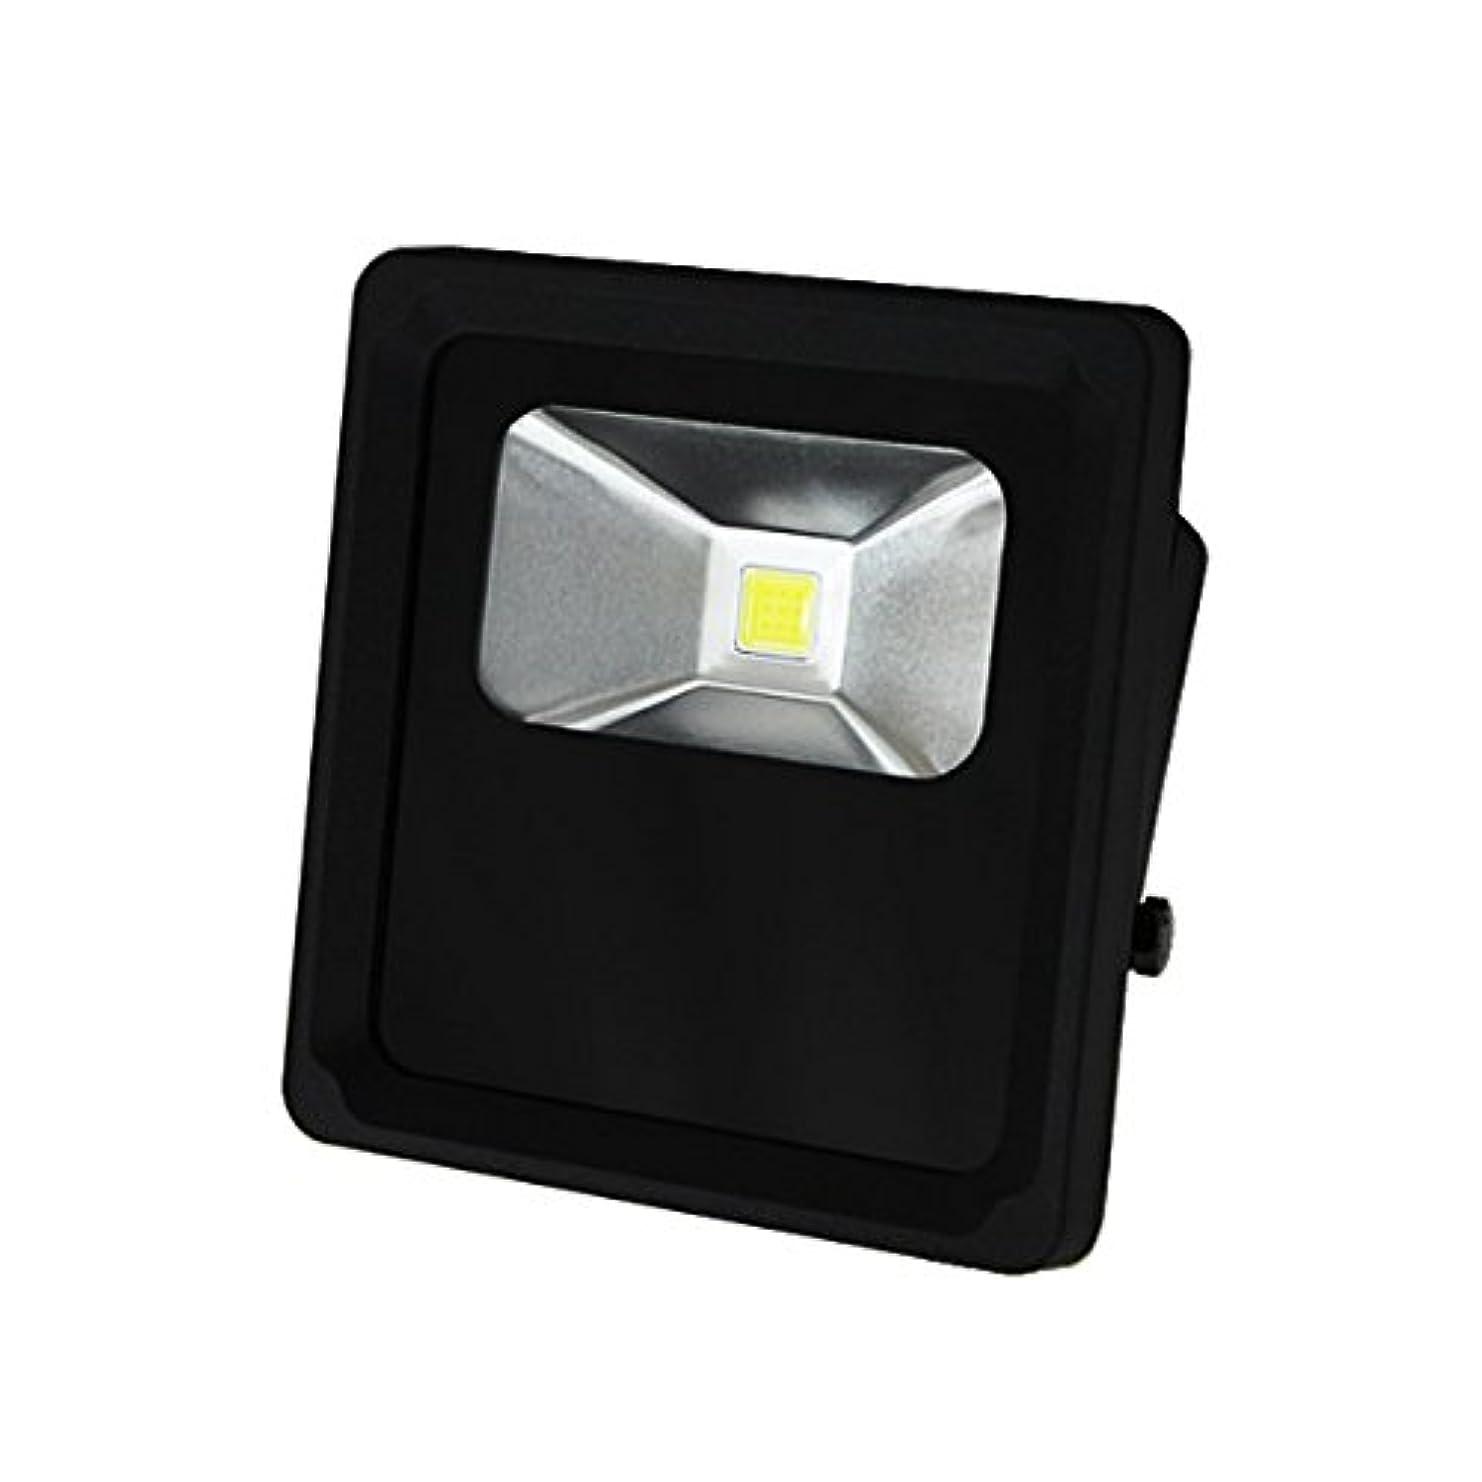 金銭的な不屈エラーWEIMALL LED投光器 LEDワークライト 超薄型 10W 電球色 3000K 広角120度 防水加工 3mコード付 ブラック